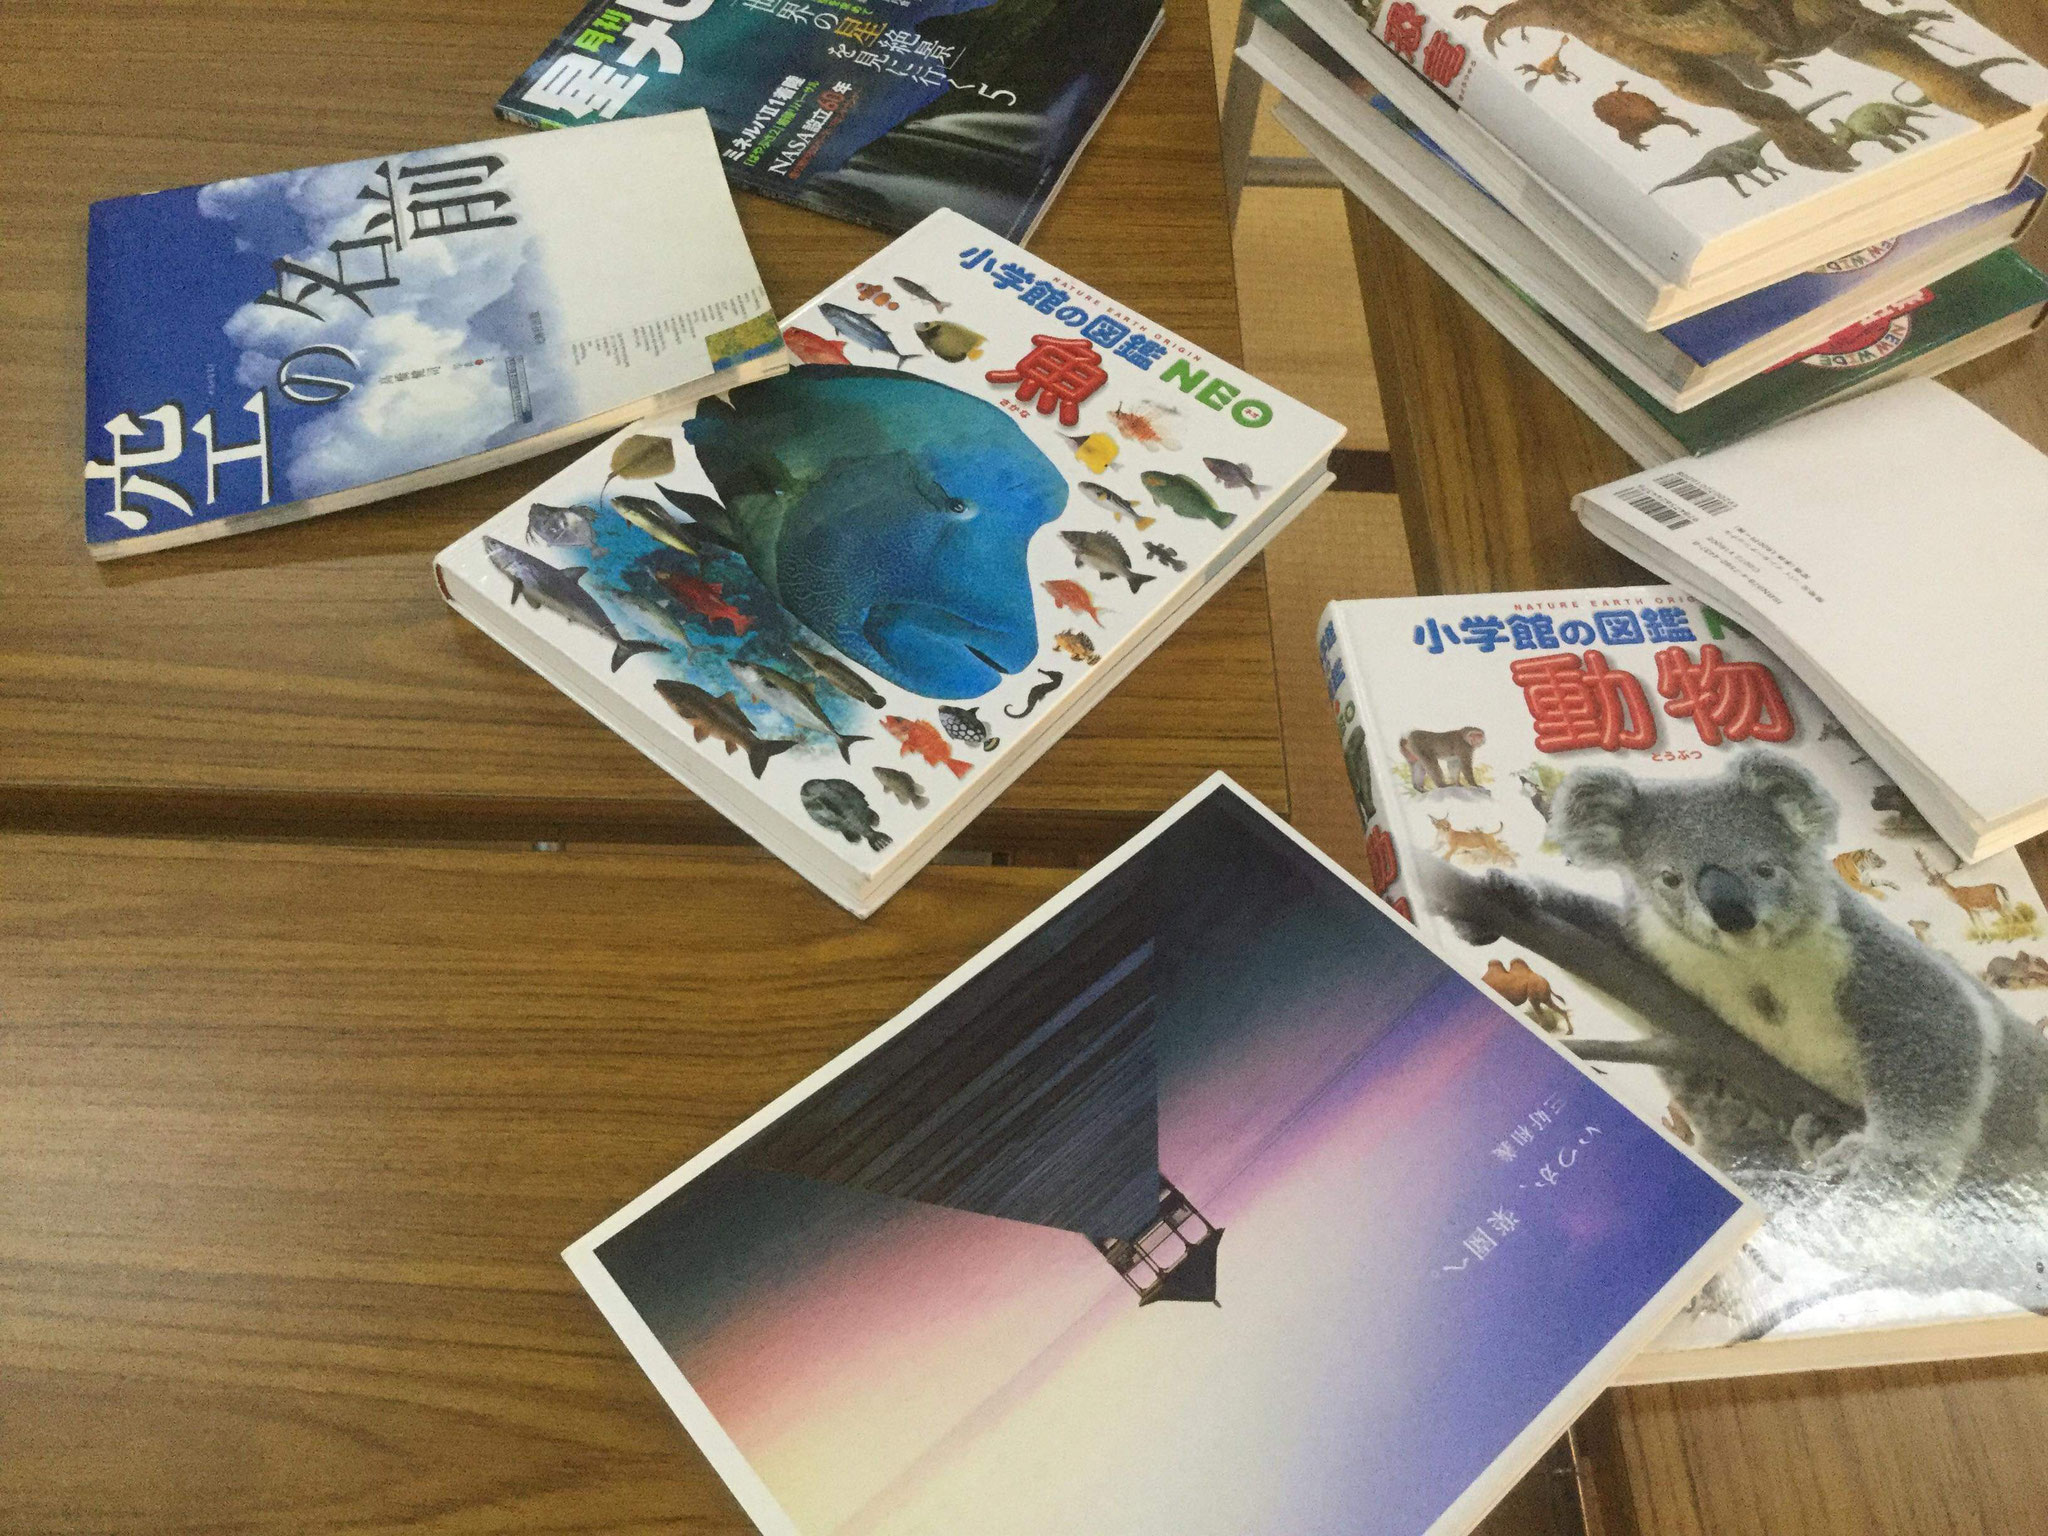 図鑑や写真集もあります。